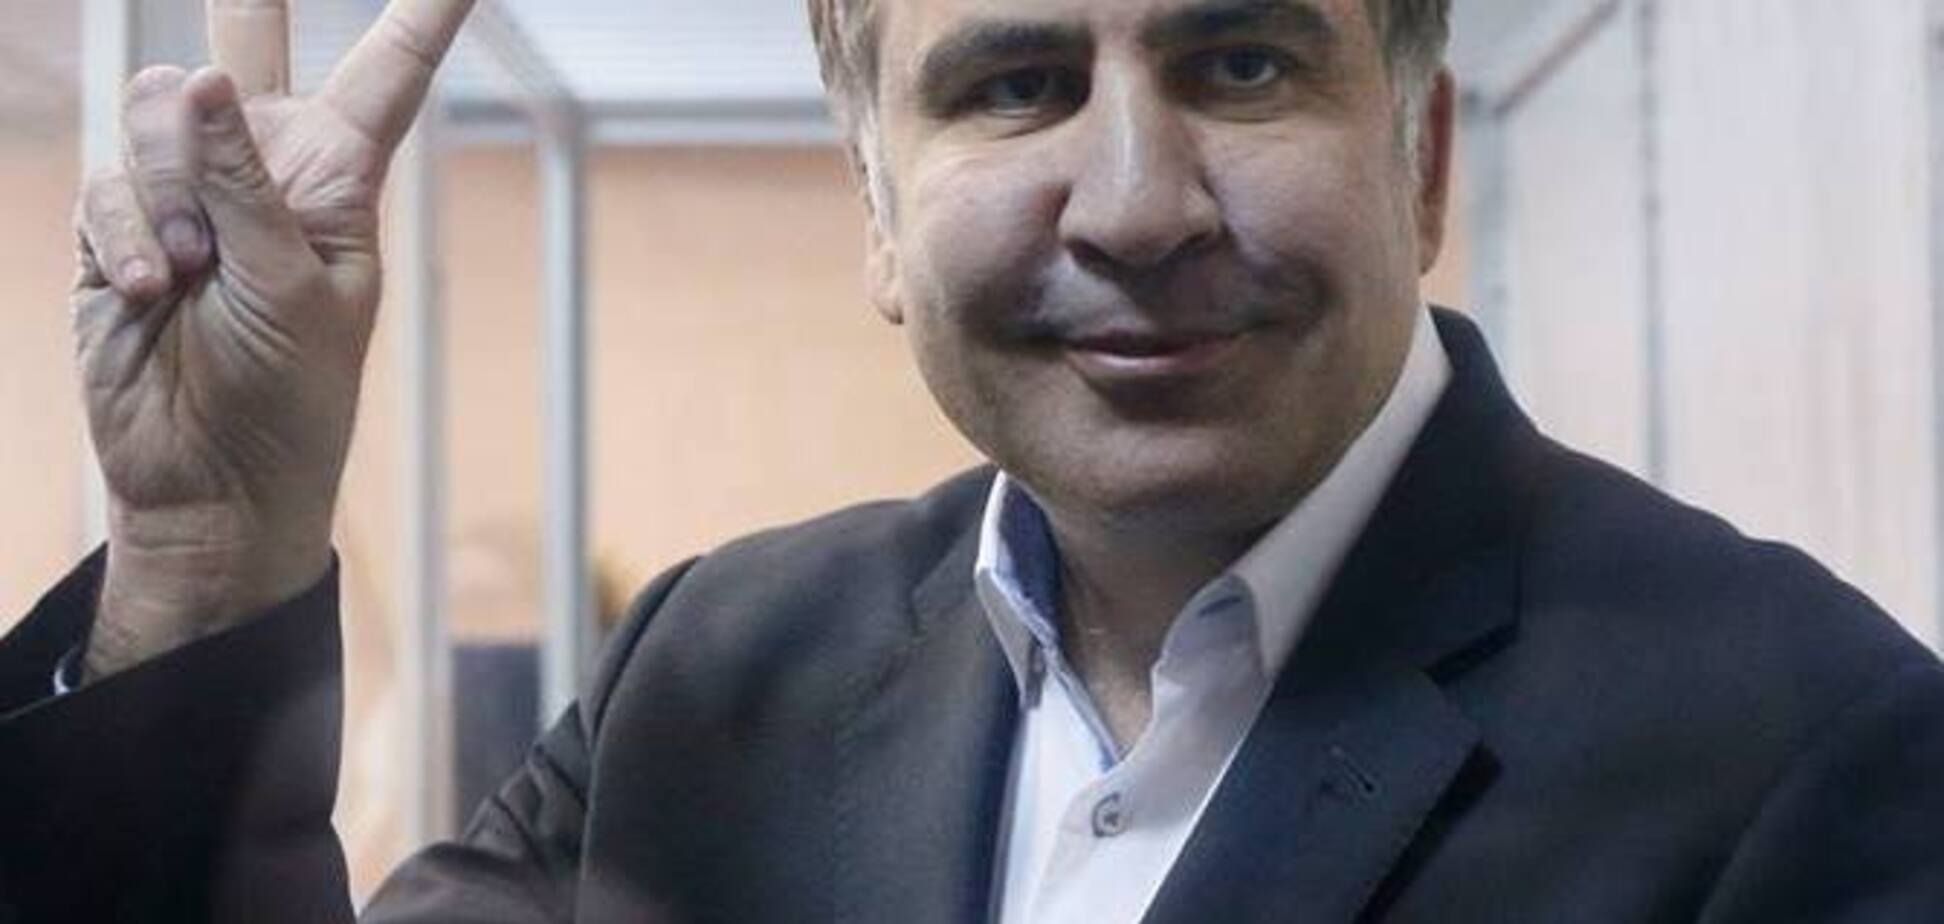 Неизвестно, что еще натворит: в Минюсте озвучили грозящий Саакашвили срок